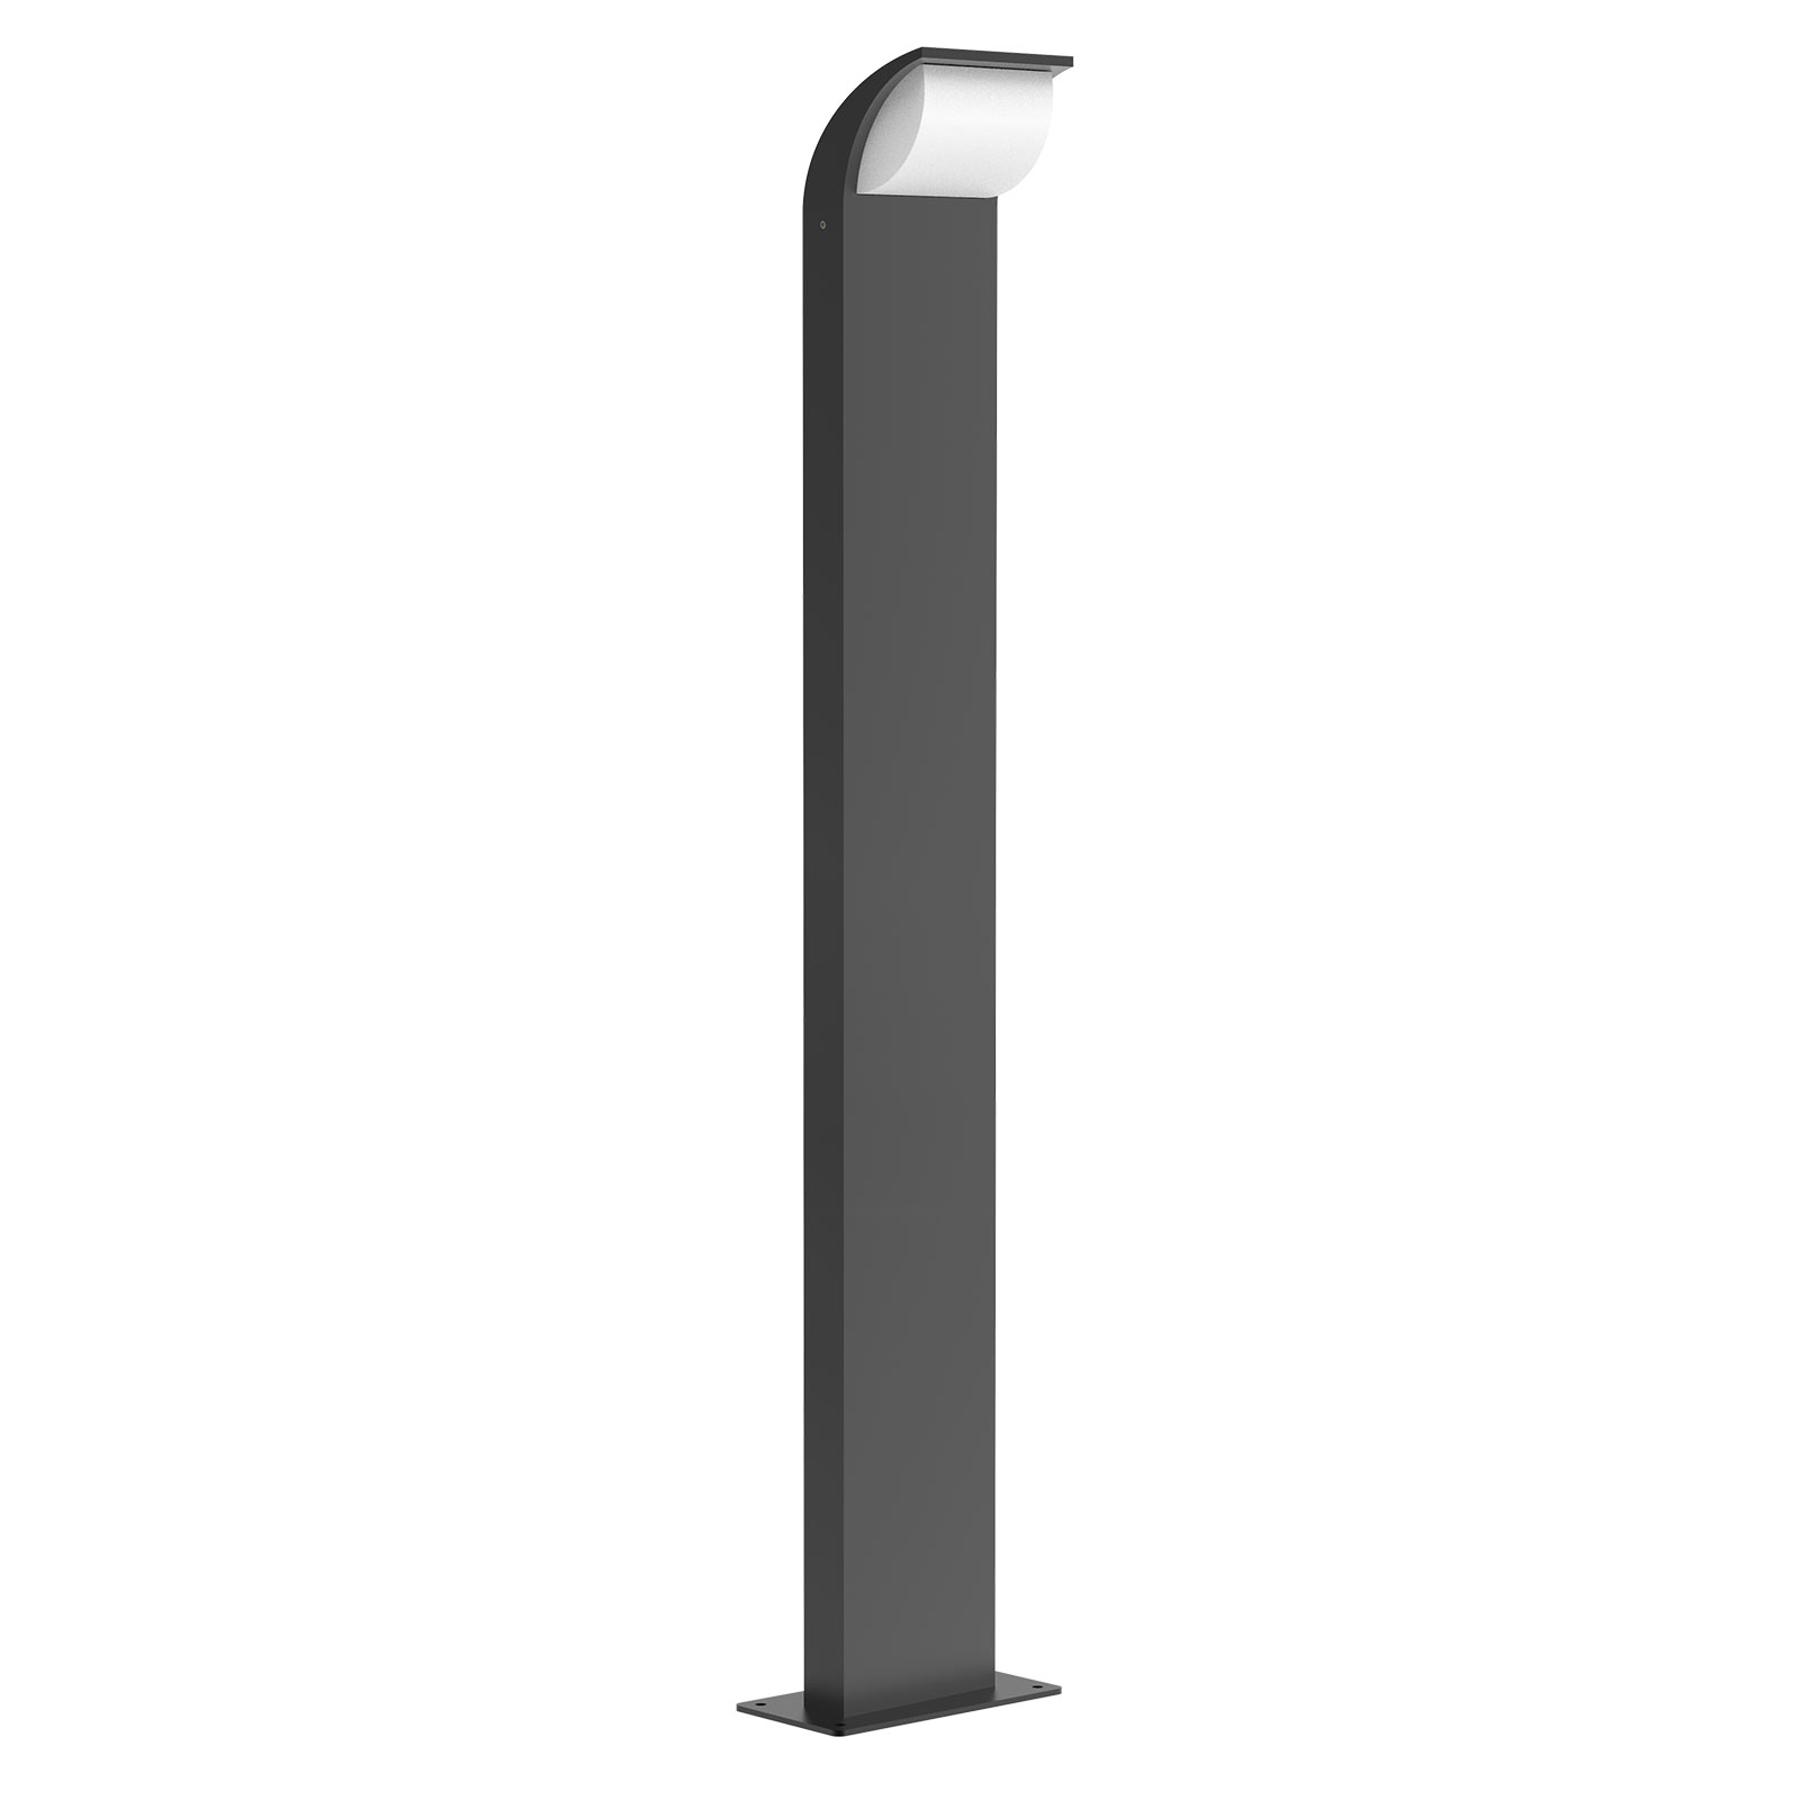 Lucande Lucande Tinna LED venkovní svítidlo, 80 cm